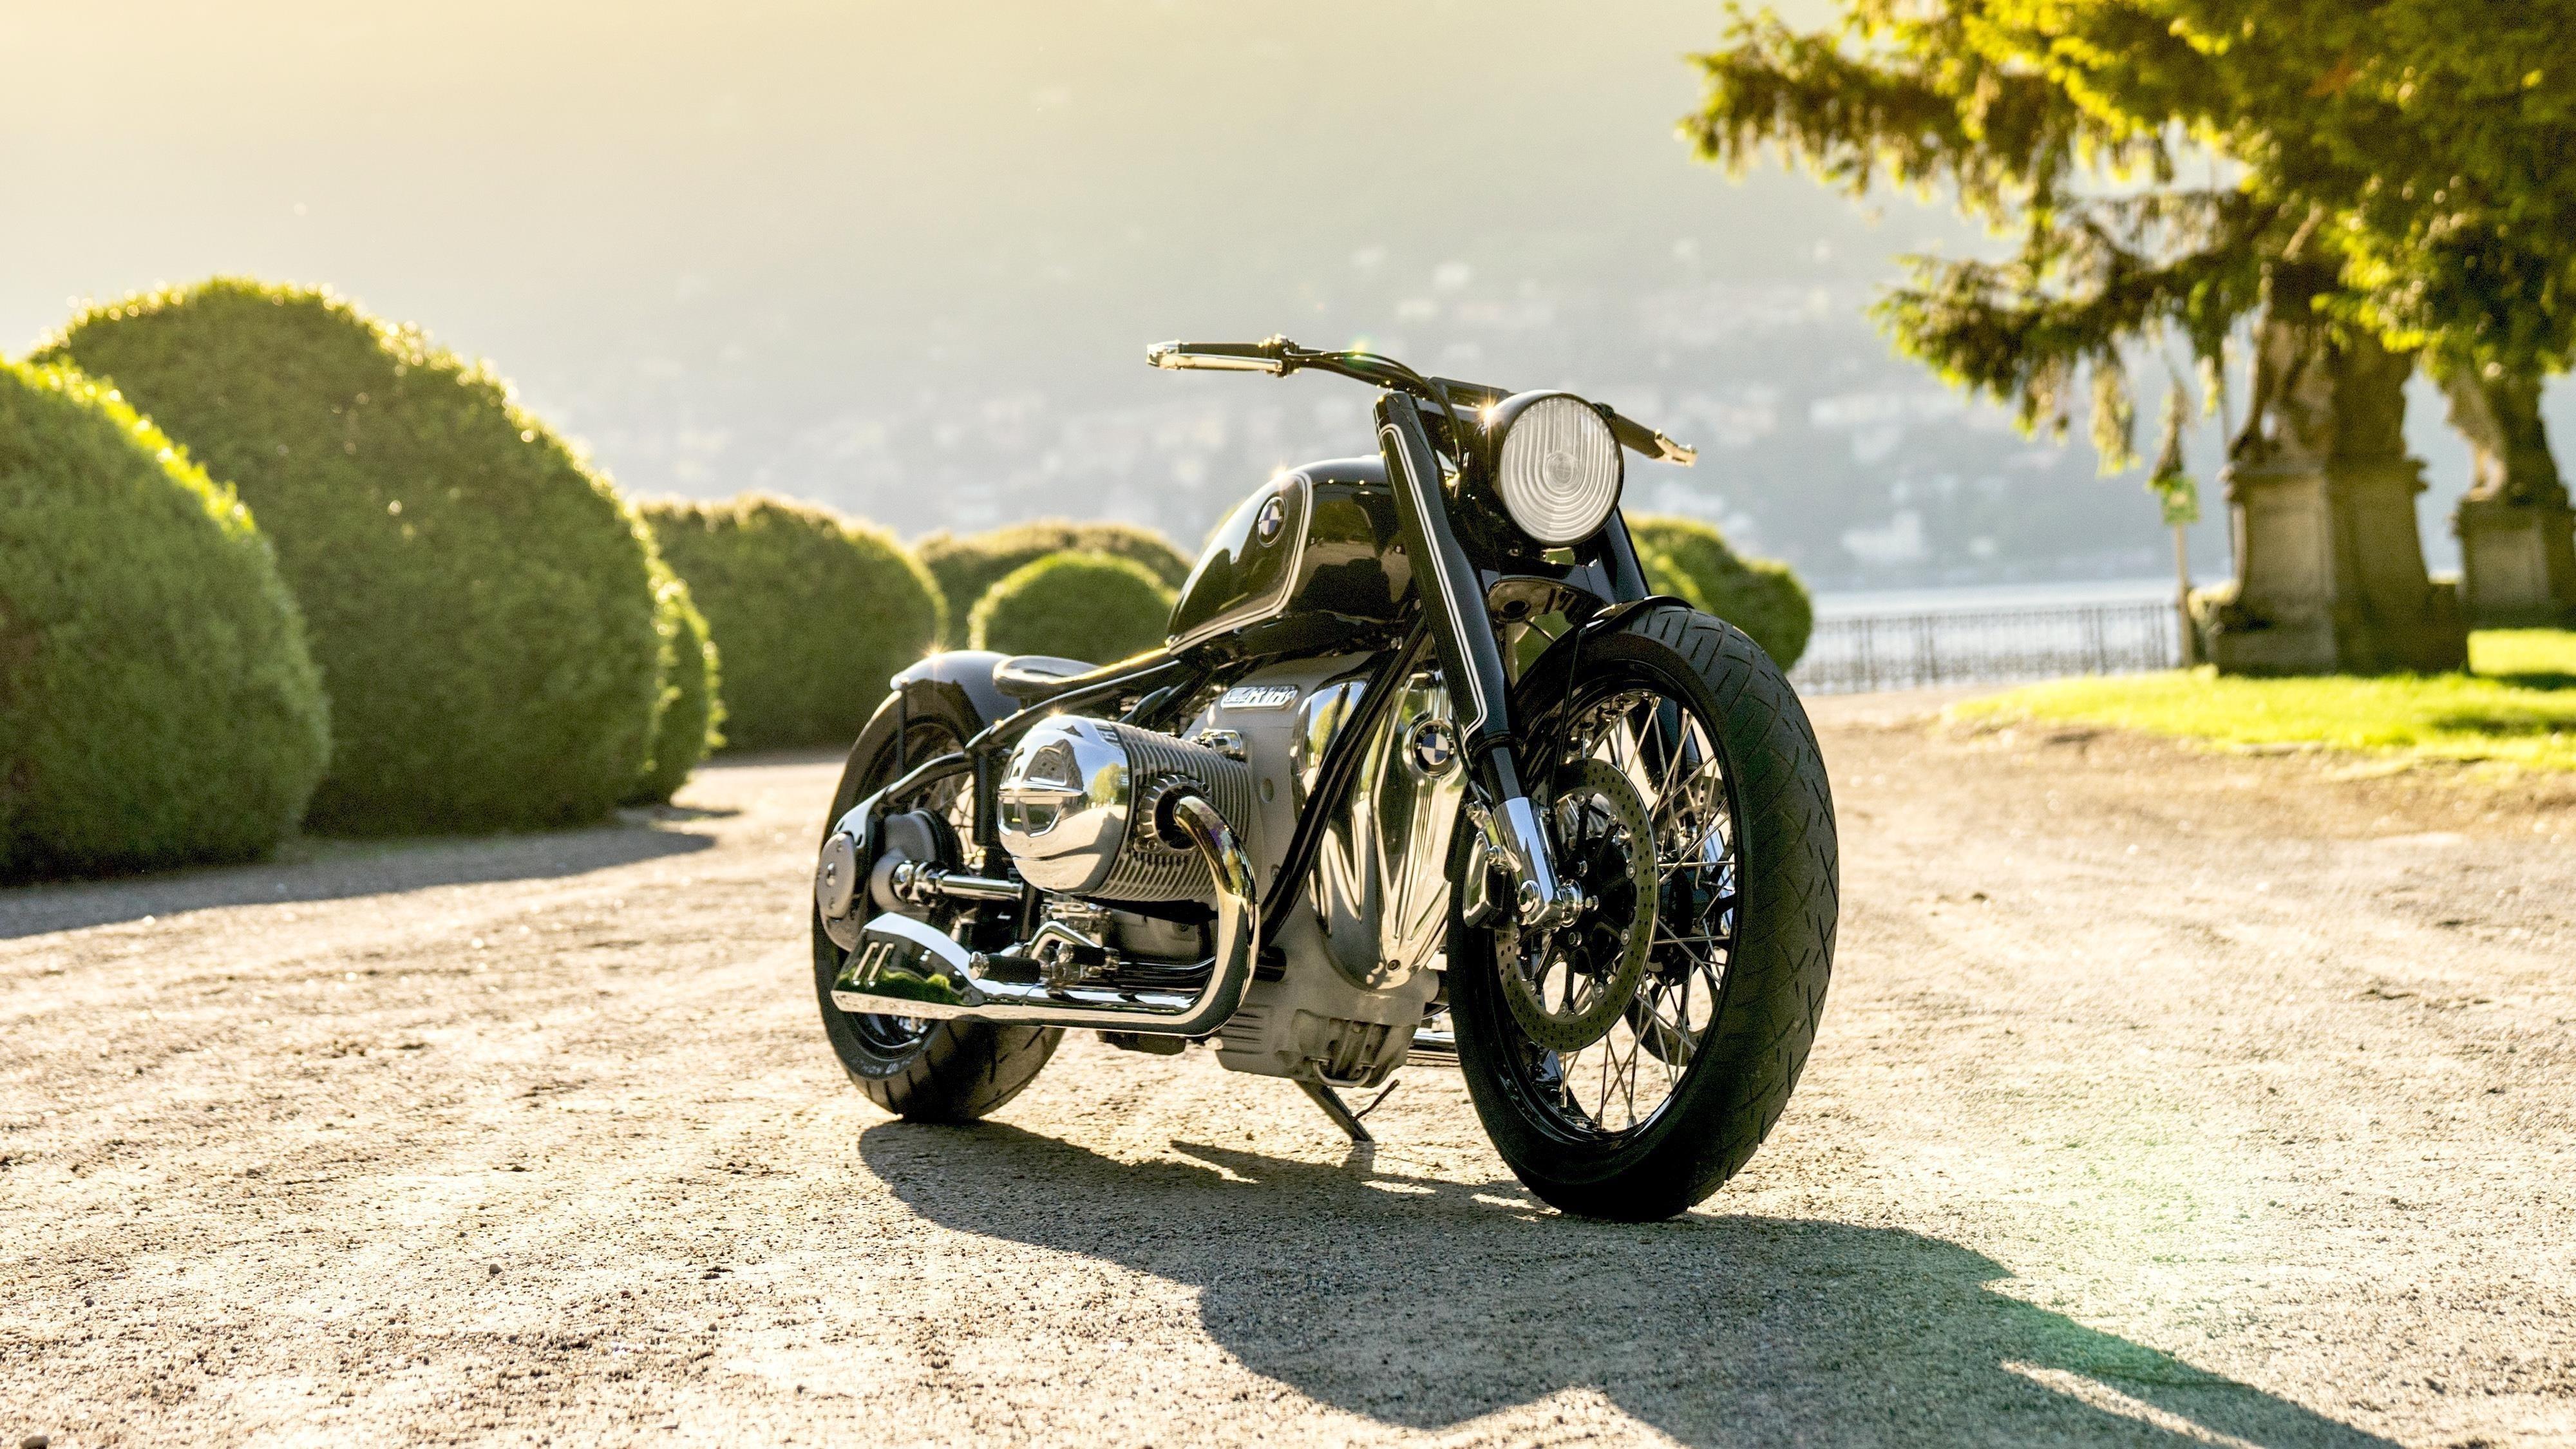 Bmw motorrad concept r18 2019 обои скачать